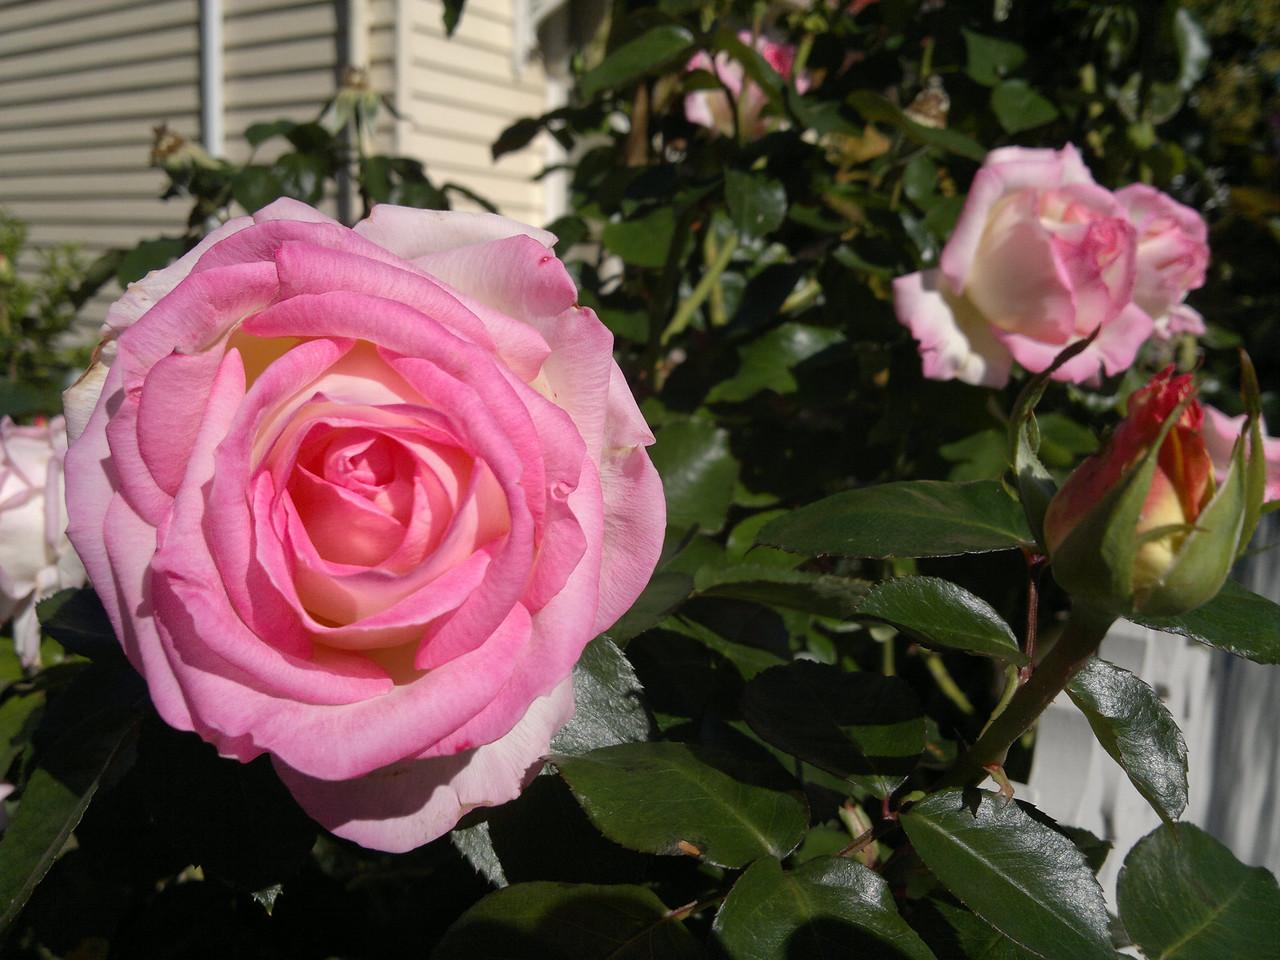 20120412_1043_0242 rose